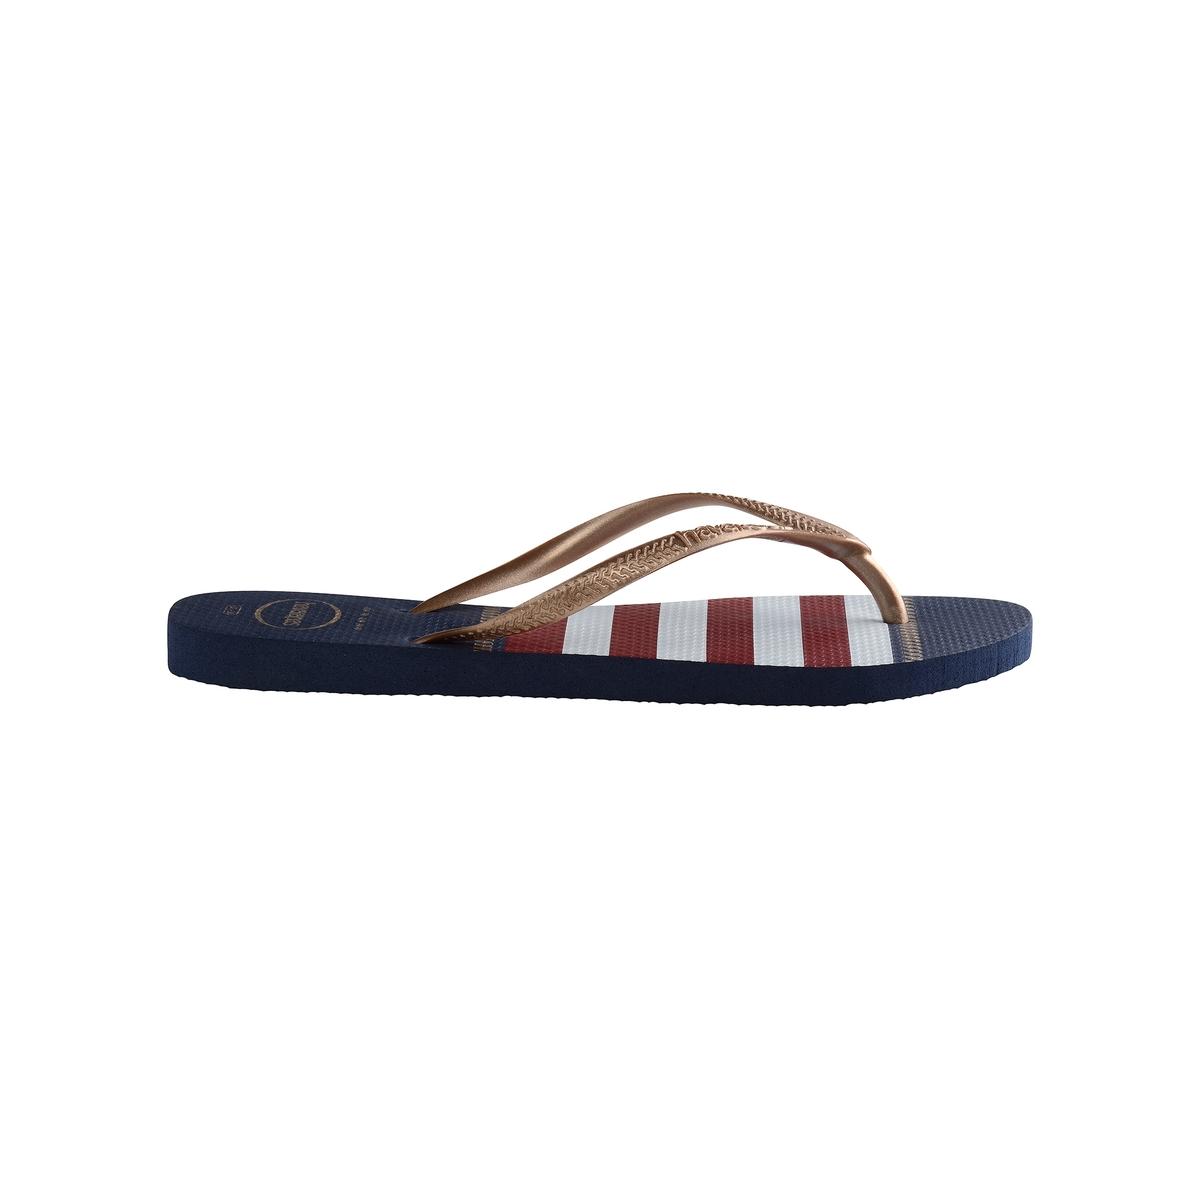 Вьетнамки Slim NauticalВерх : каучук   Стелька : каучук   Подошва : каучук   Форма каблука : плоский каблук   Мысок : открытый мысок   Застежка : без застежки<br><br>Цвет: темно-синий/белый/красный<br>Размер: 41/42